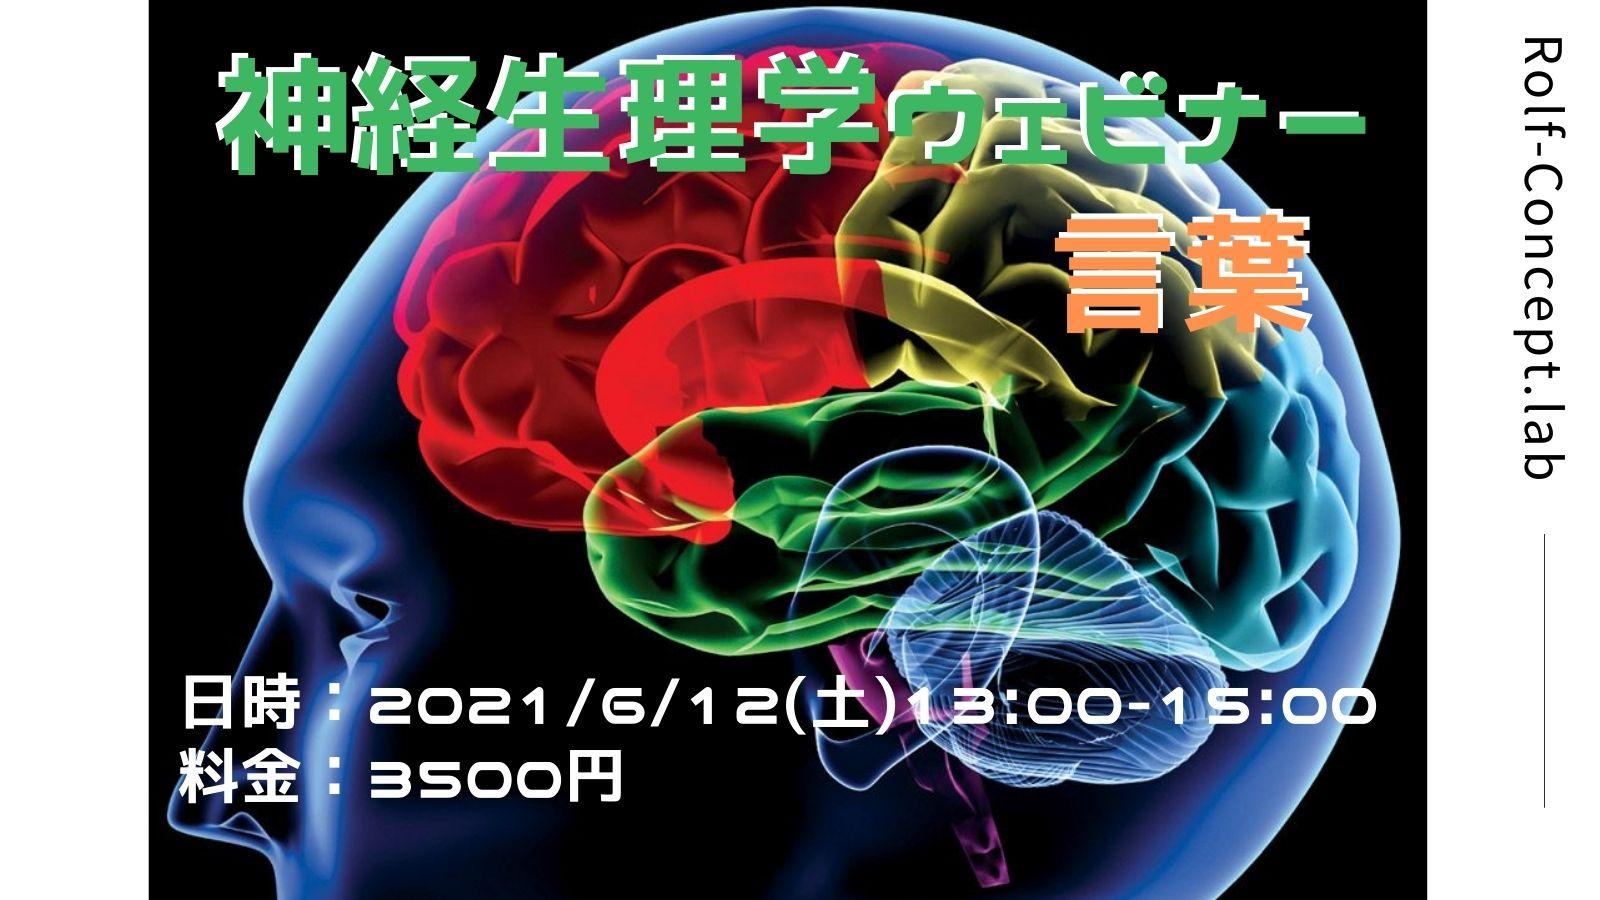 2021/06/12(土)  神経生理学ウェビナー 〜言葉から紐解く中枢神経系の機能〜